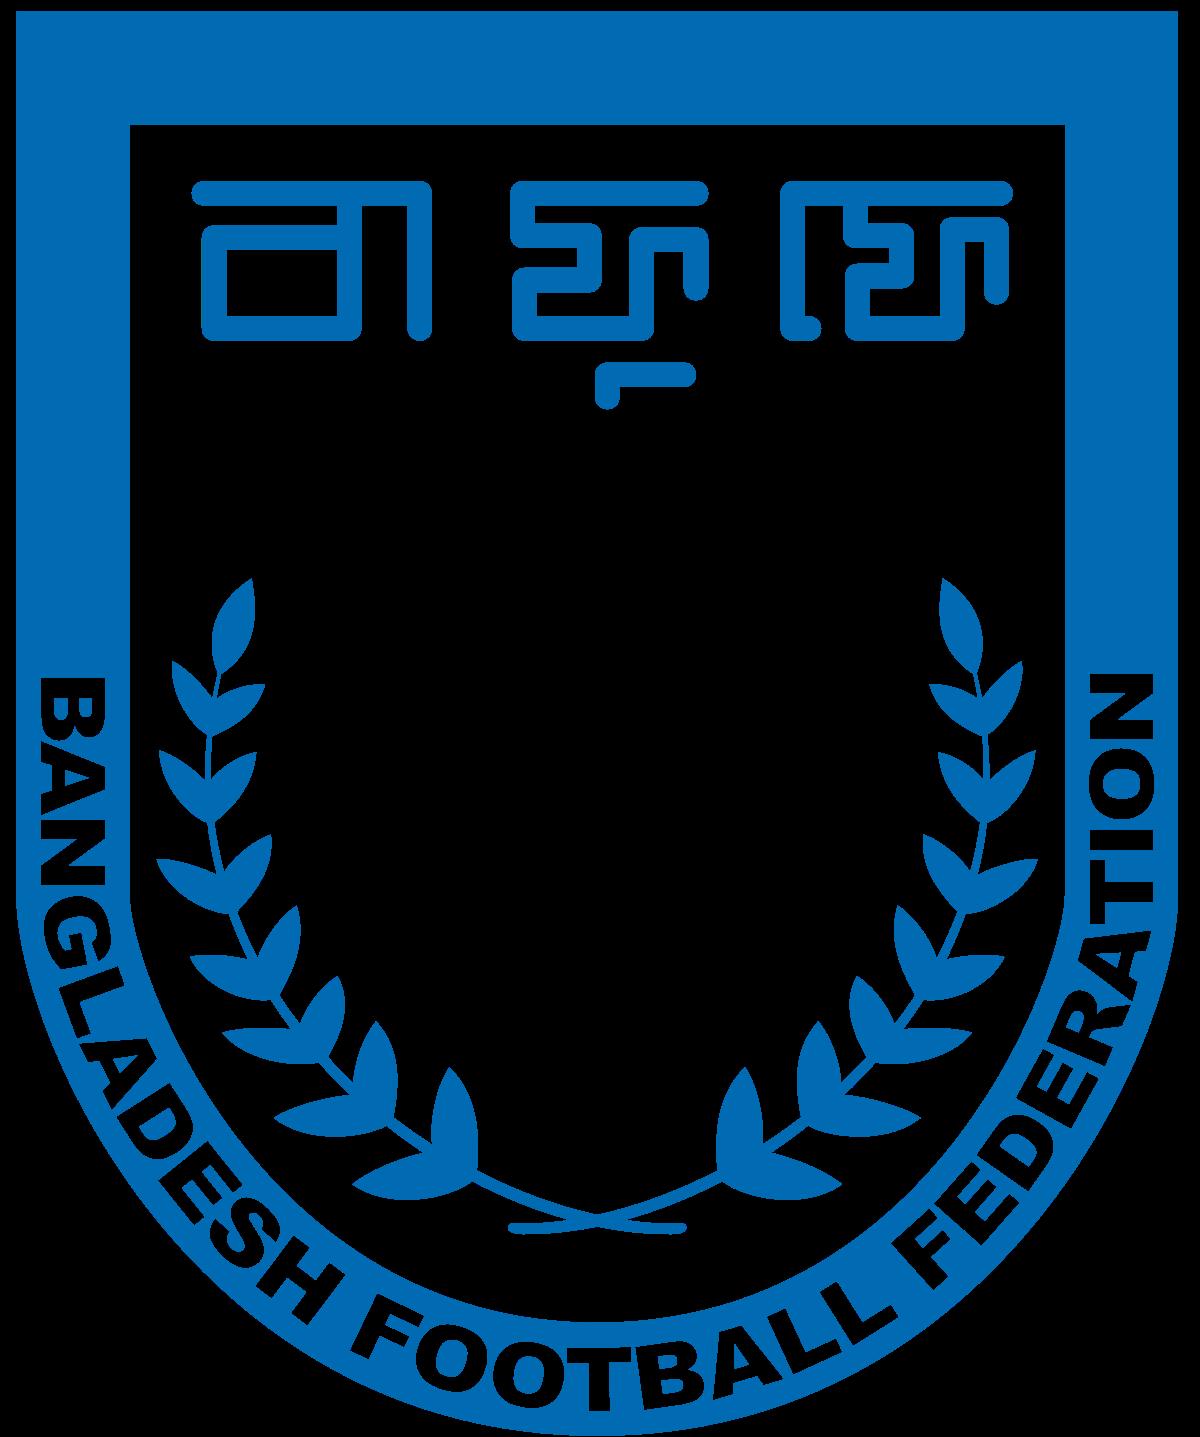 Bangladesh U-19 logo